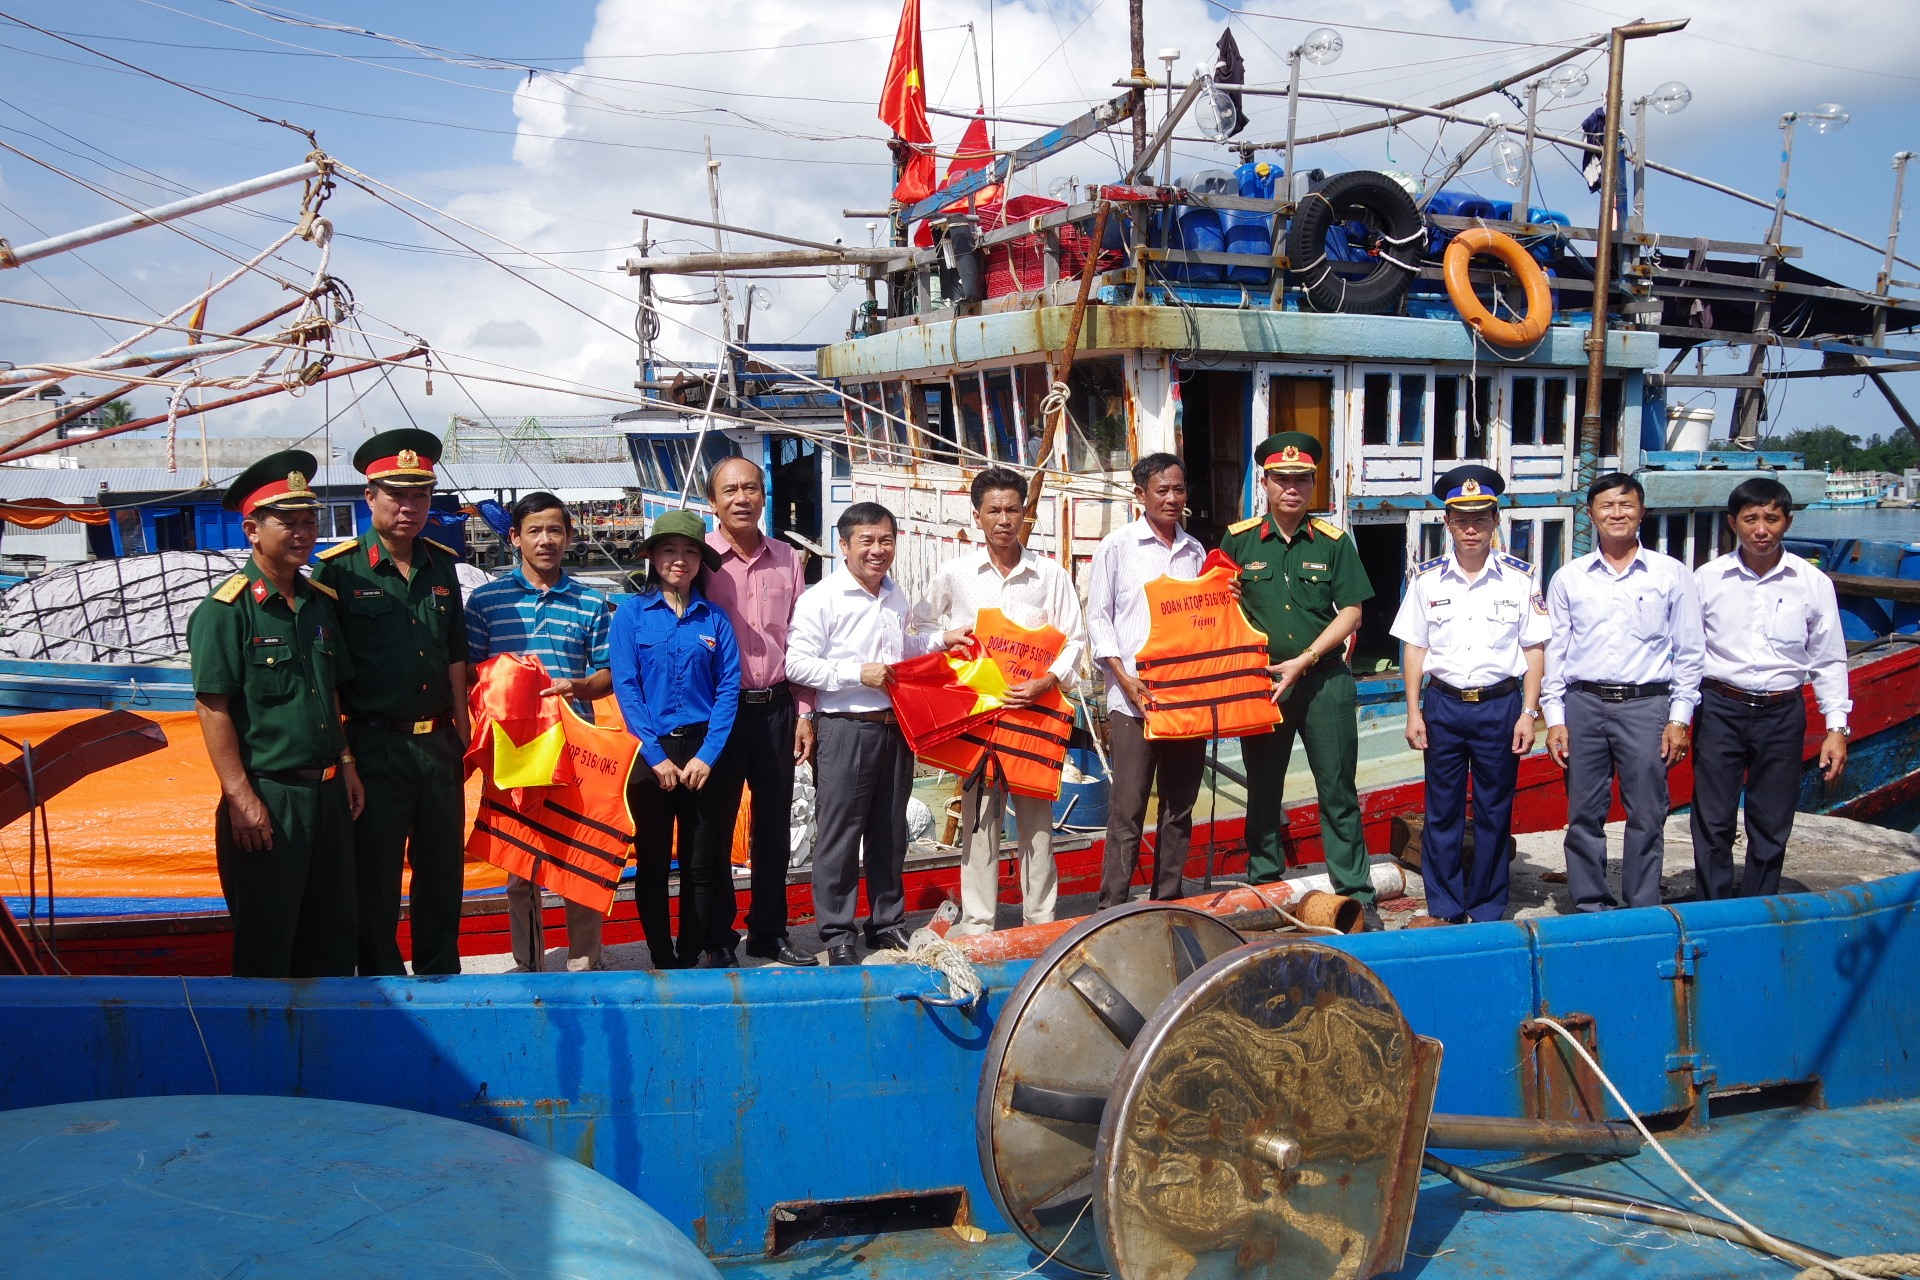 Đoàn 516 trao tặng cờ Tổ quốc, bình ắc quy cho ngư dân Núi Thành vươn khơi, bám biển.